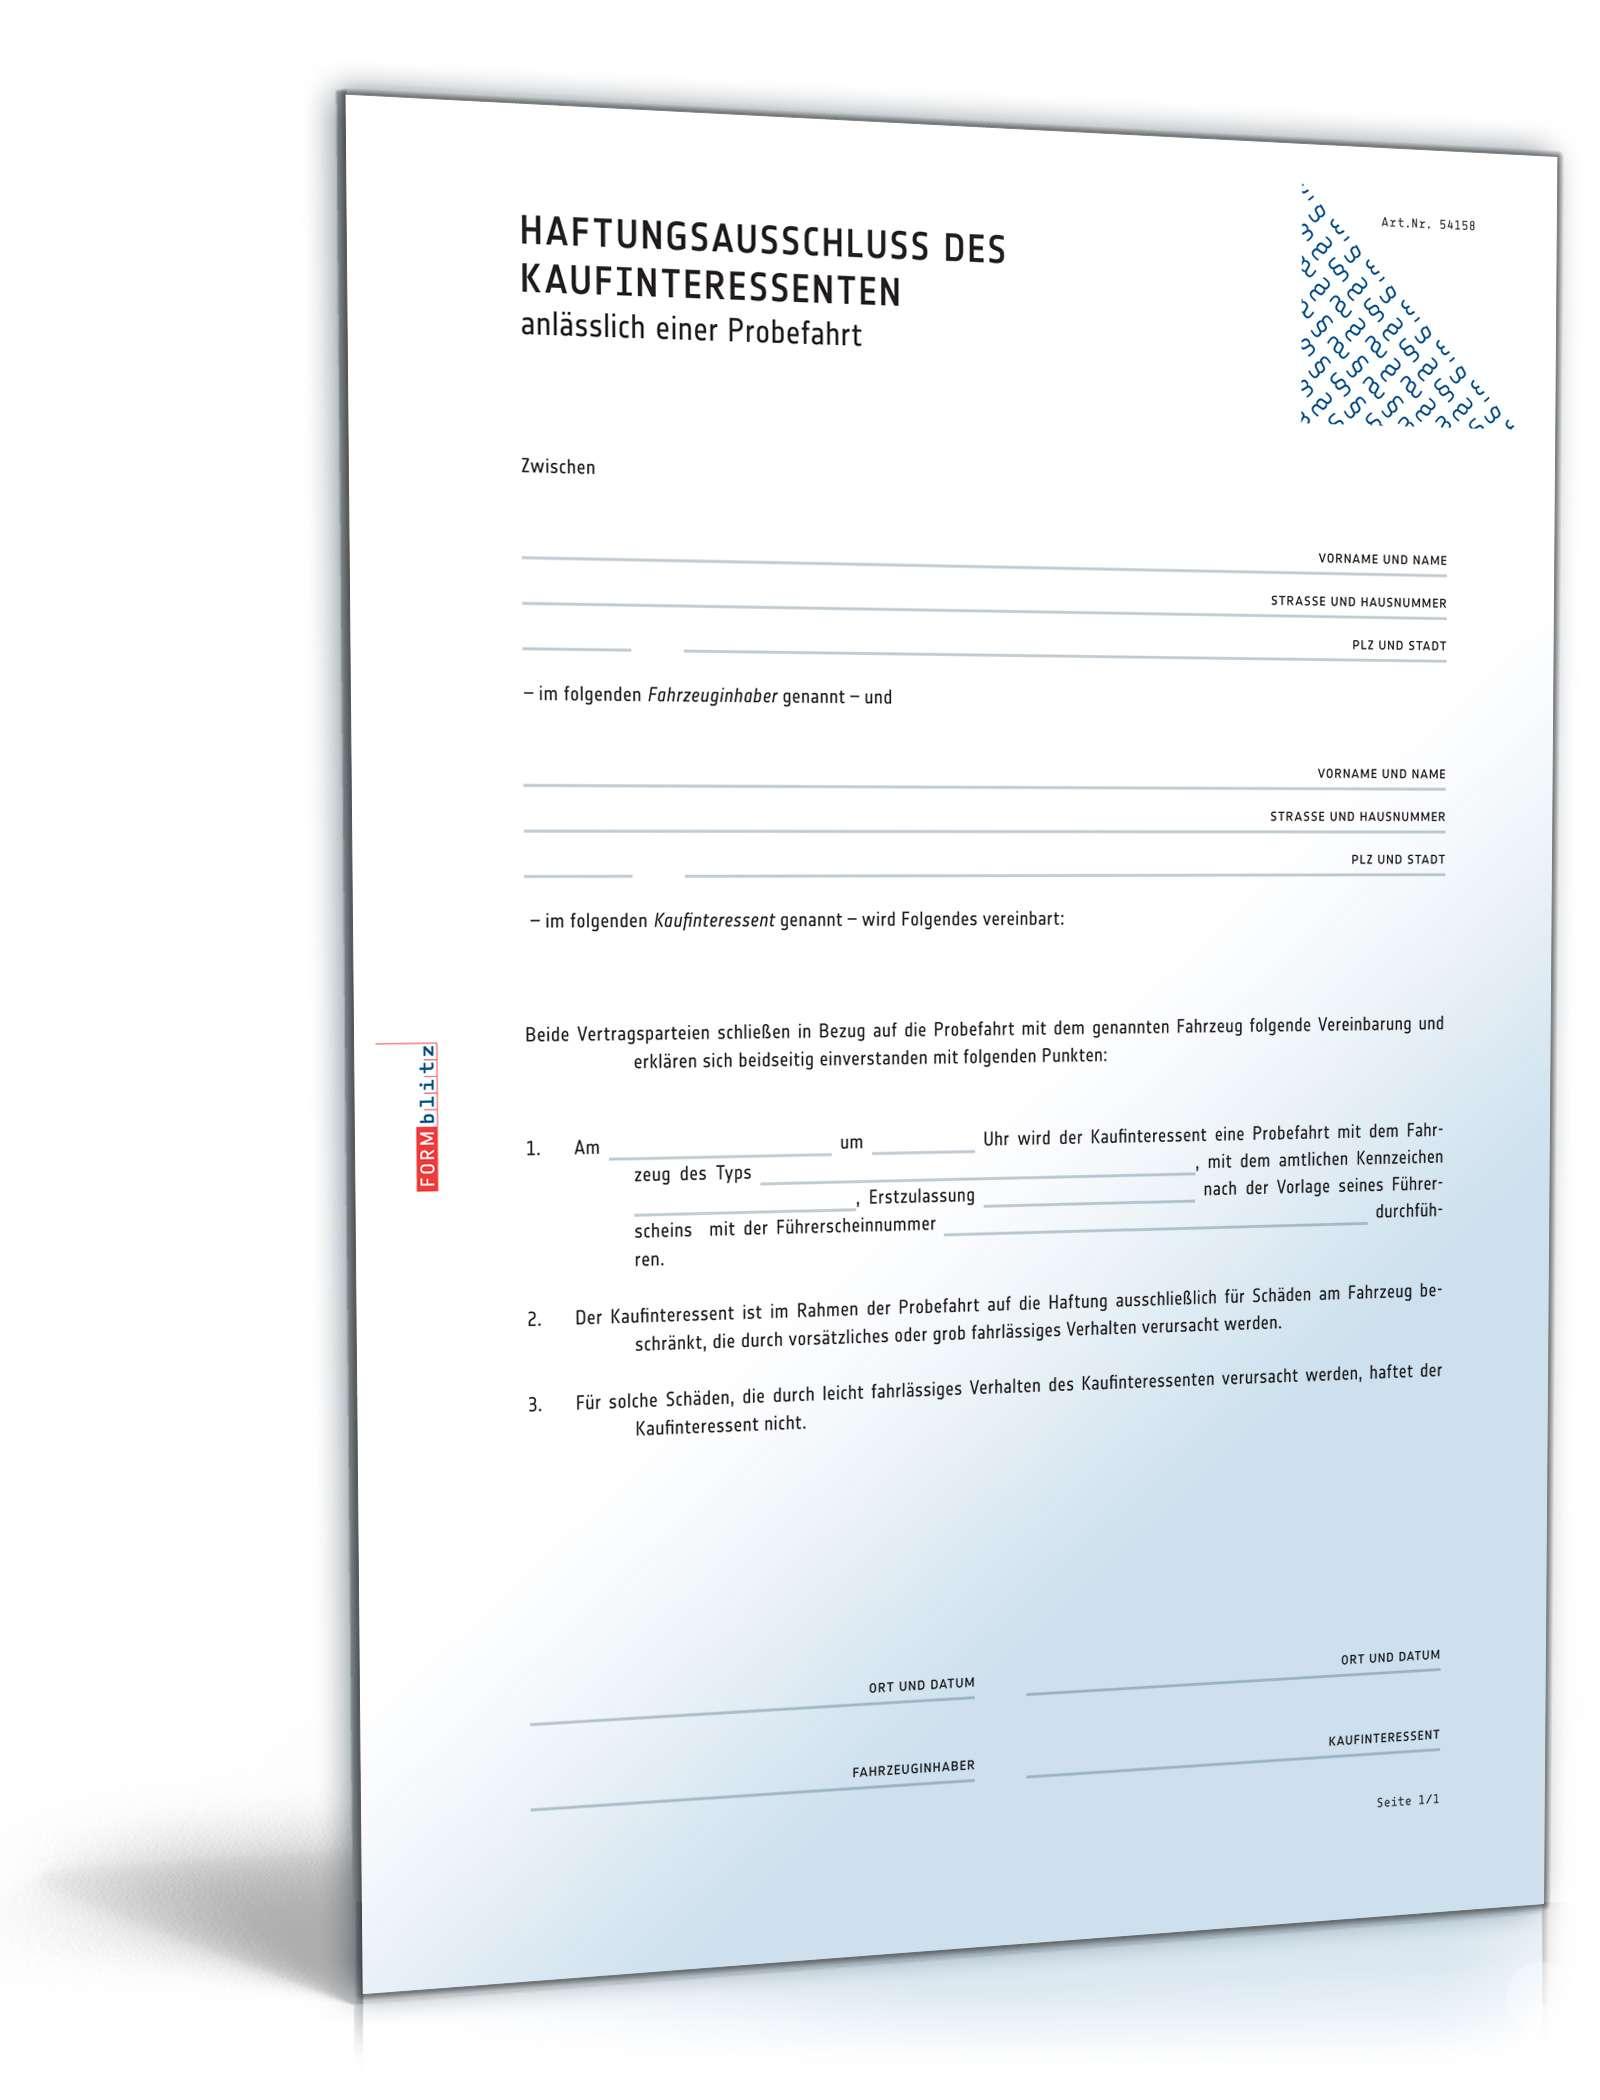 Haftungsausschluss Bei Probefahrten Muster Zum Download